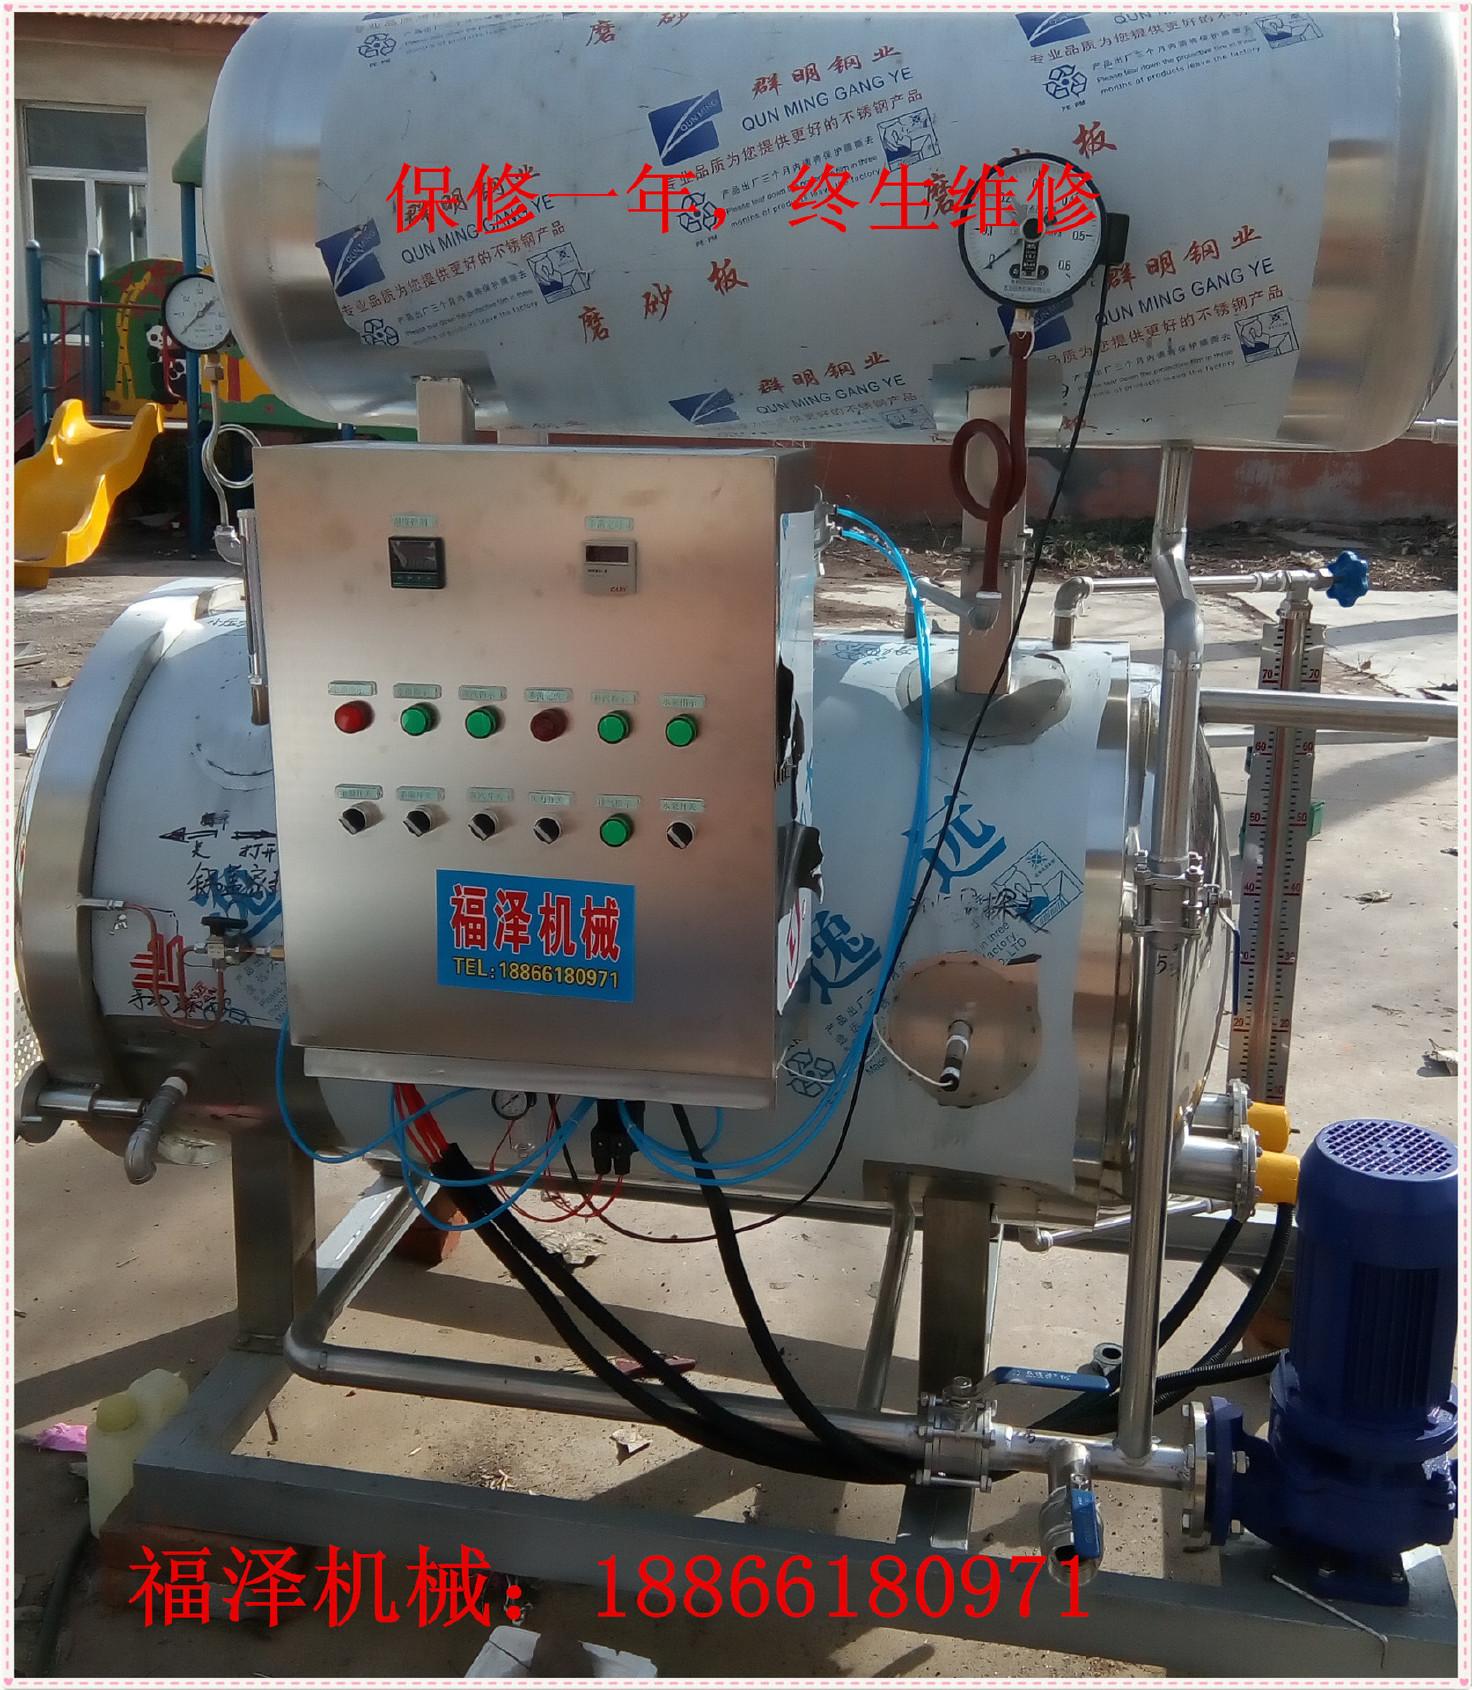 大米粽子高温杀菌锅 鸭蛋流油腌制杀菌锅厂家价格图片